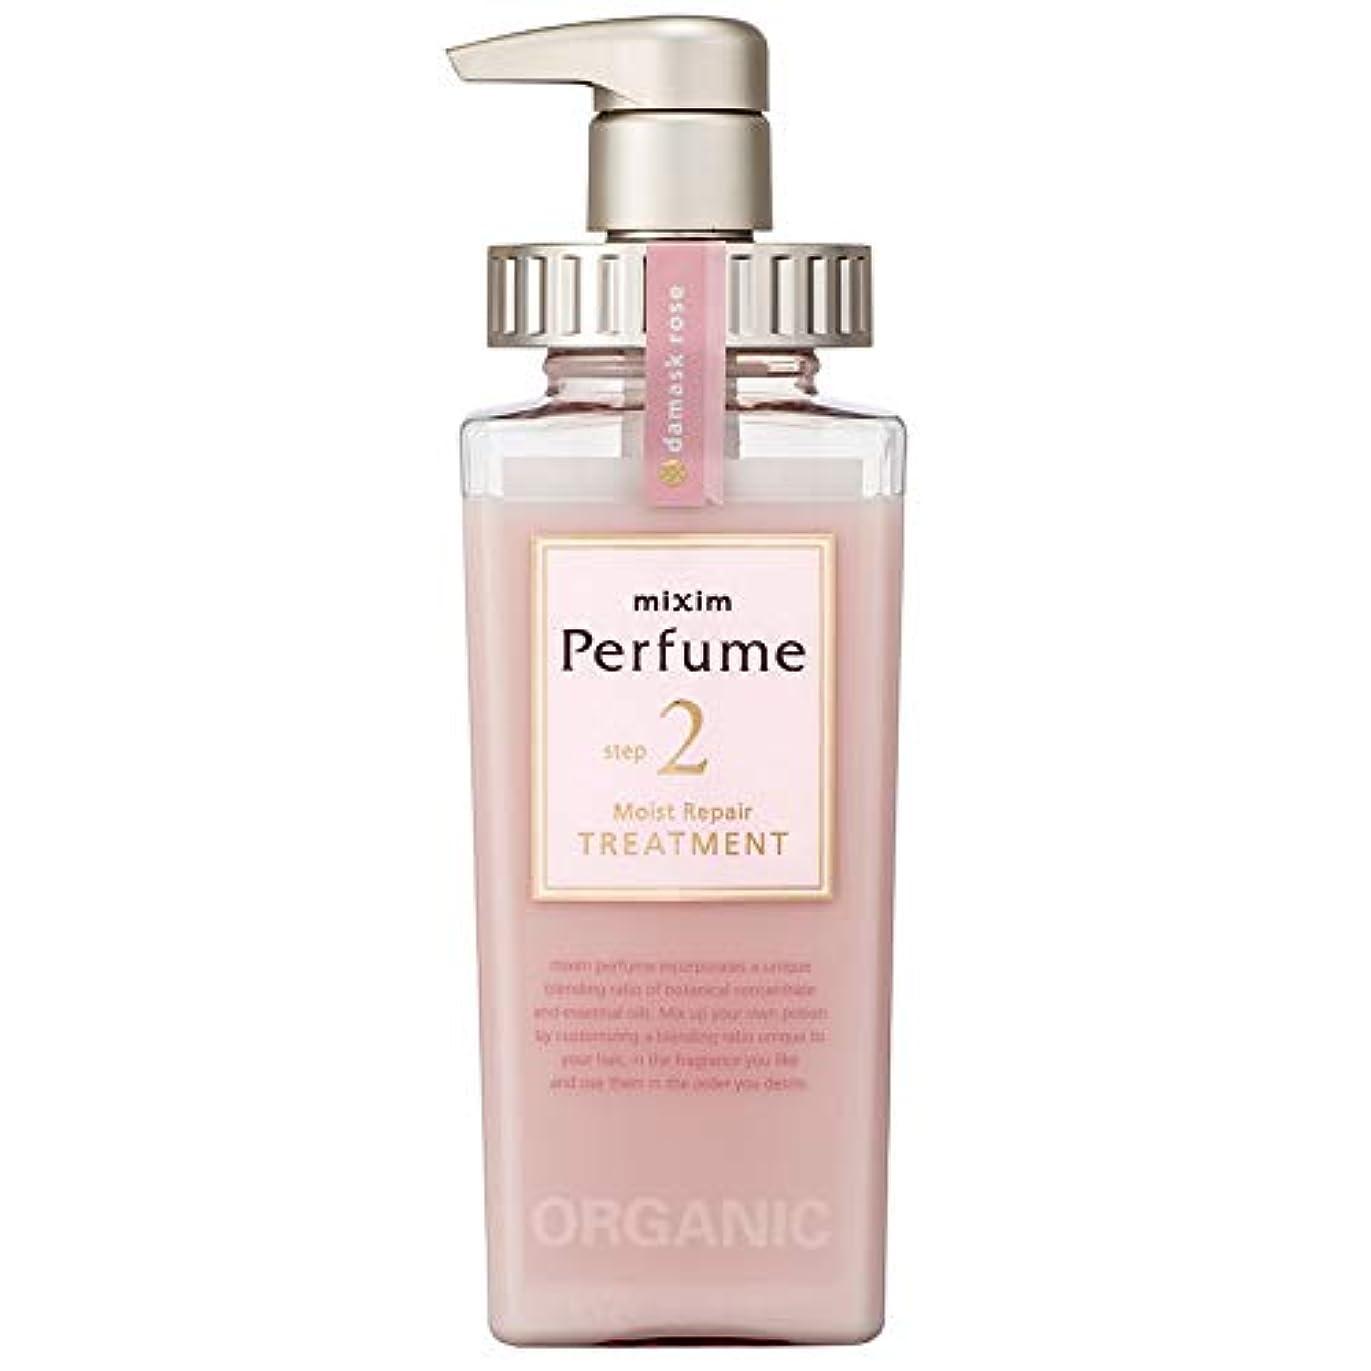 受け入れた団結する比較的mixim Perfume(ミクシムパフューム) モイストリペア ヘアトリートメント 440g